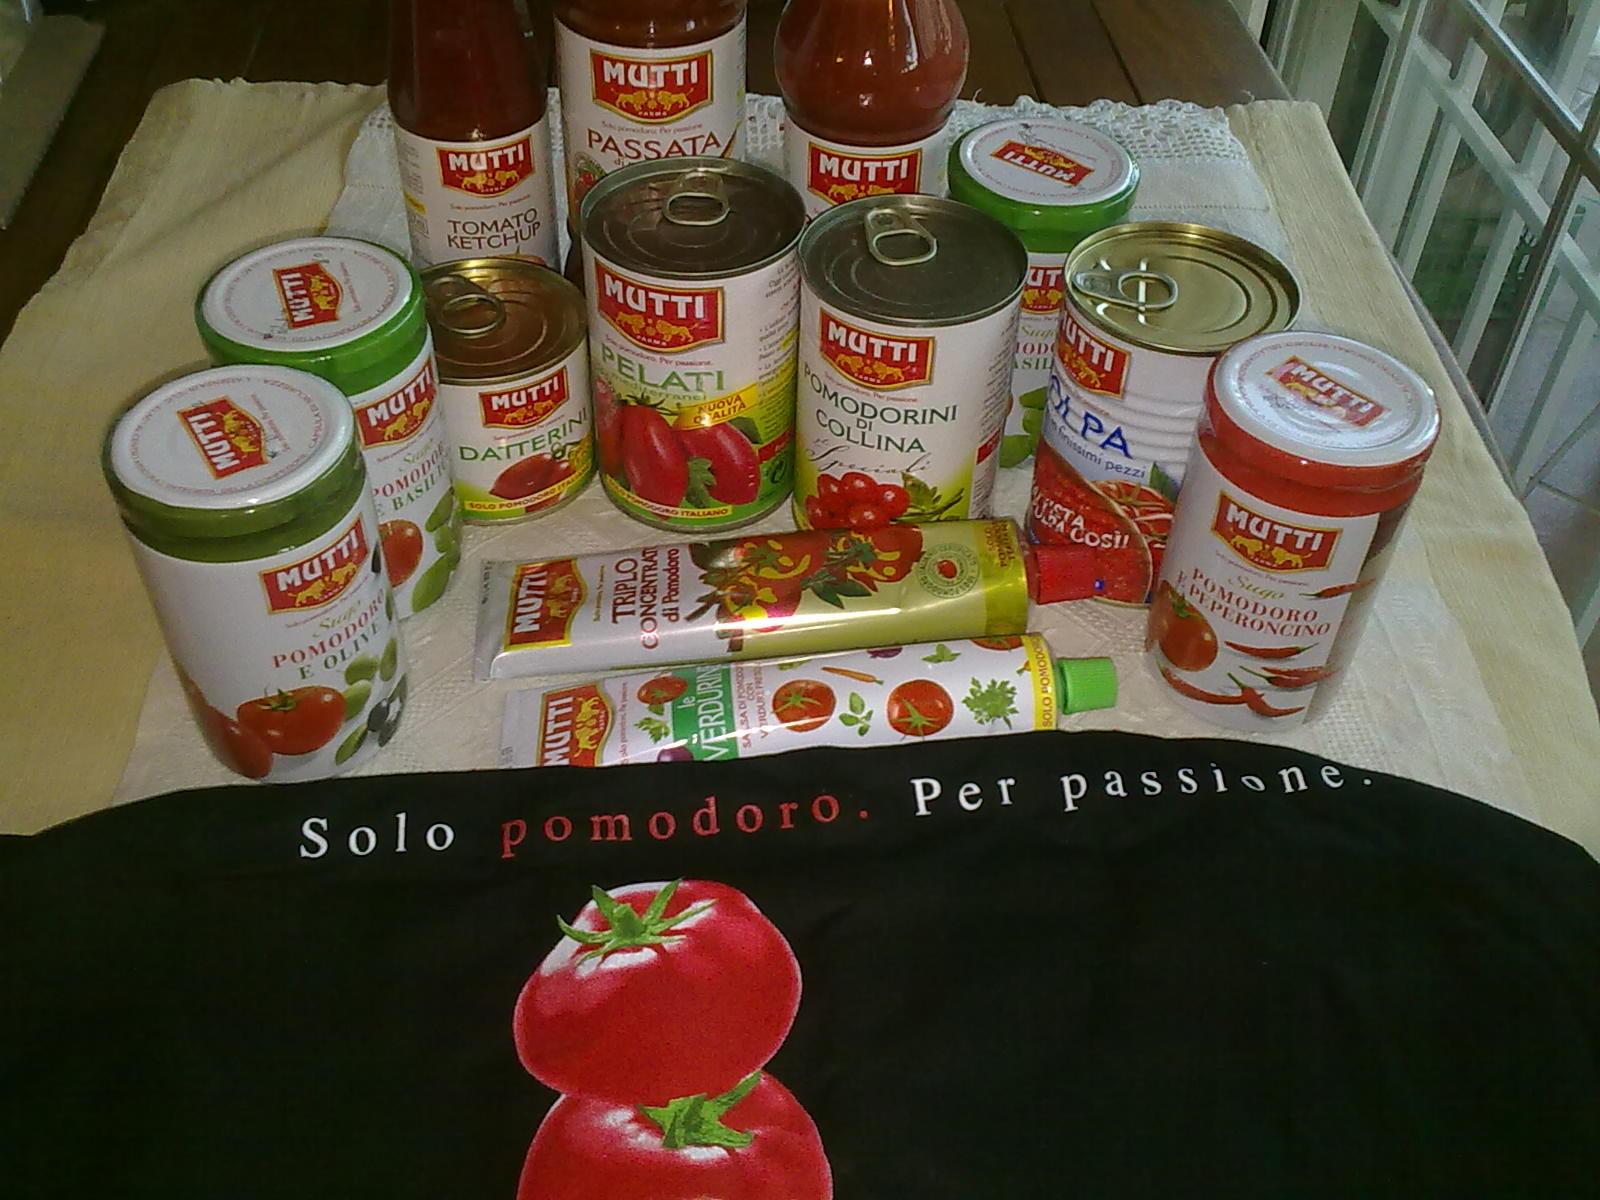 Ed Ecco I Prodotti Gentilmente Offerti Dall'azienda MUTTI S.p.A.: #7F2B19 1600 1200 Cucina Etnica A Parma